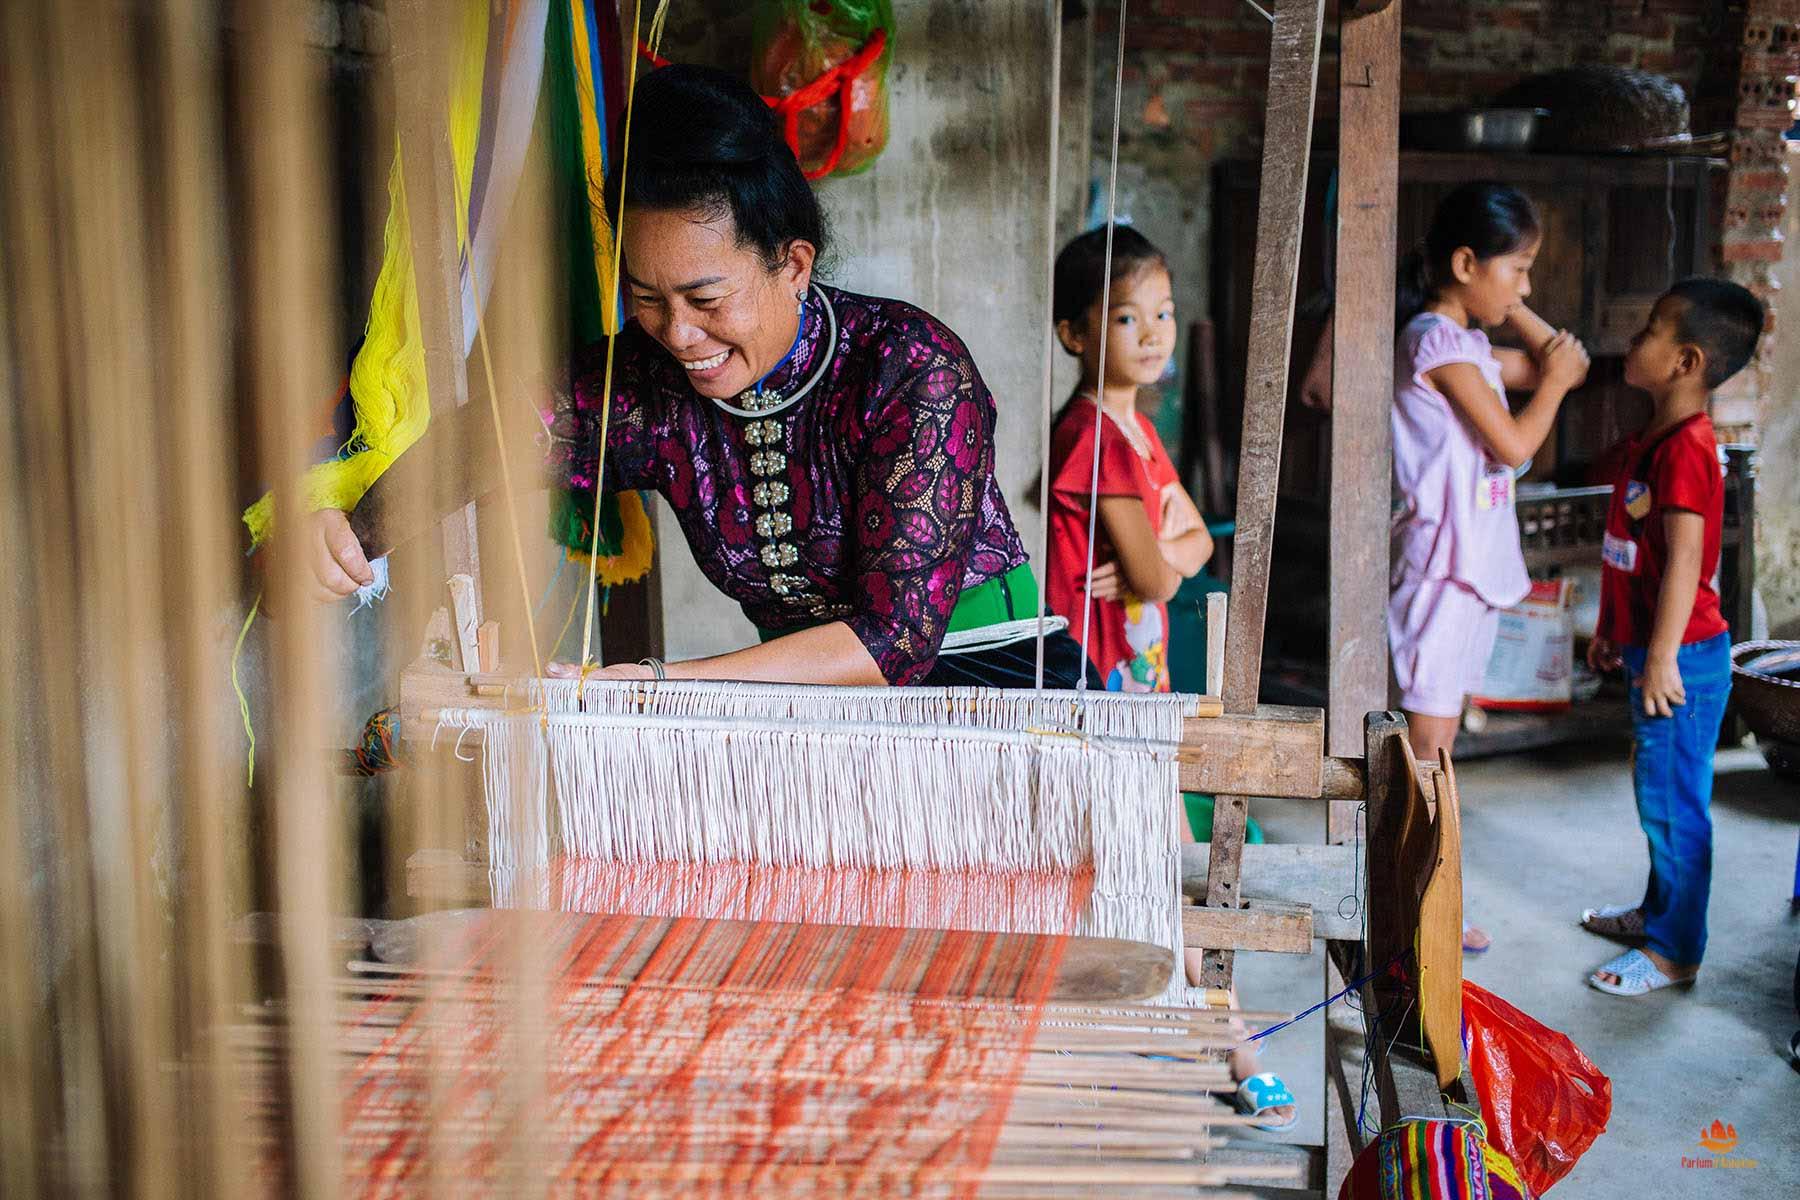 Femme Thai en train de tisser dans la ville de Nghia Lo, Province de Yen Bai, Vietnam